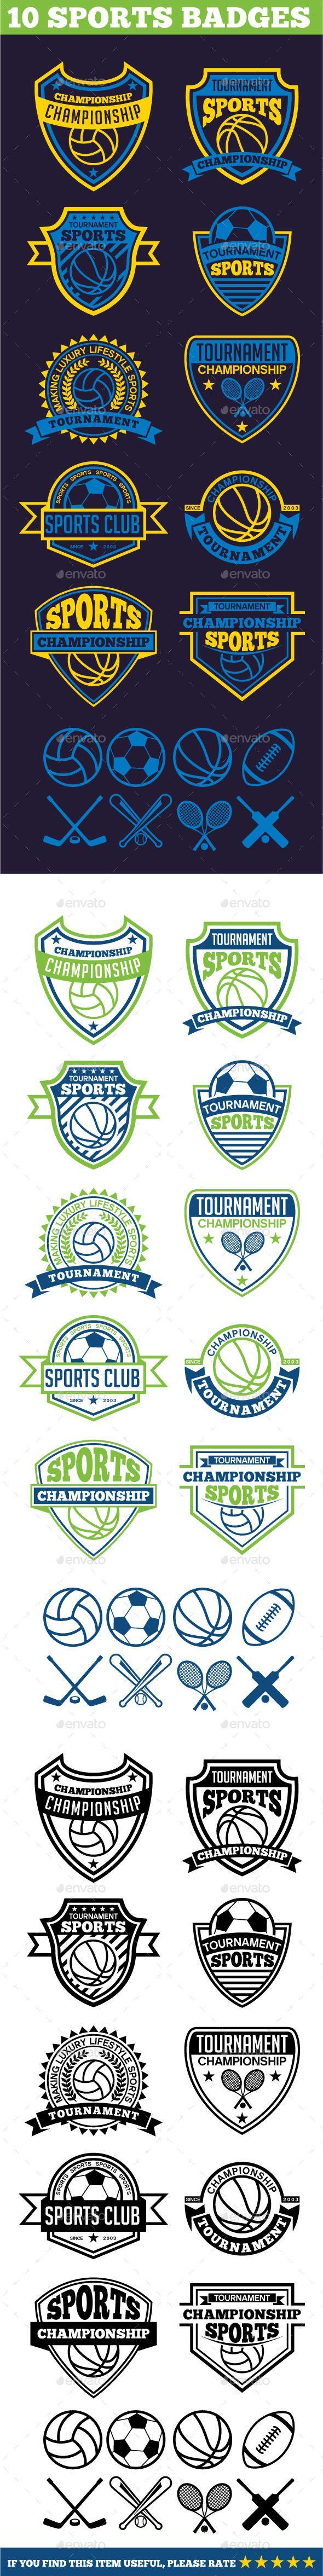 10 Sports Badges #design Download: http://graphicriver.net/item/10-sports-badges/11996659?ref=ksioks